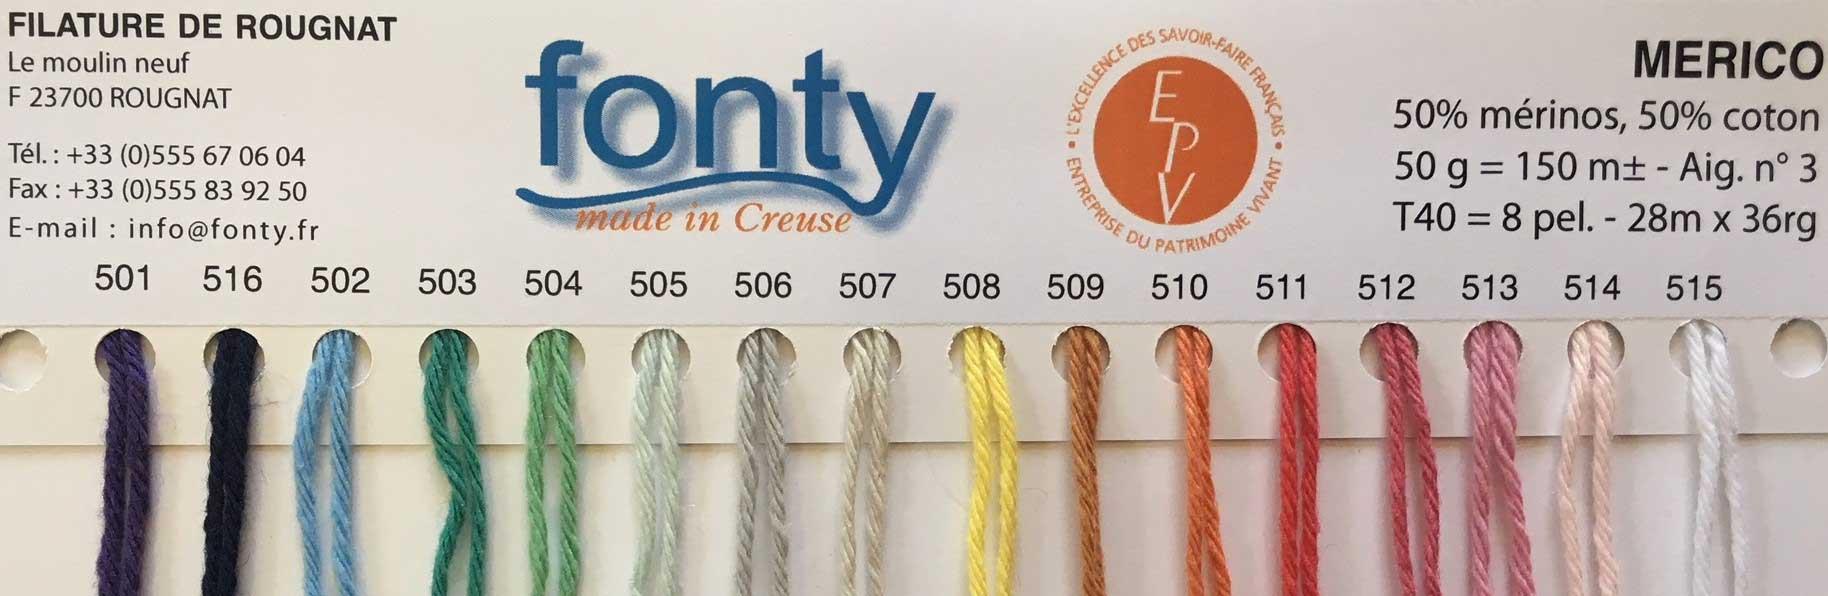 Gamme couleur Merico Fonty - Merinos et Coton